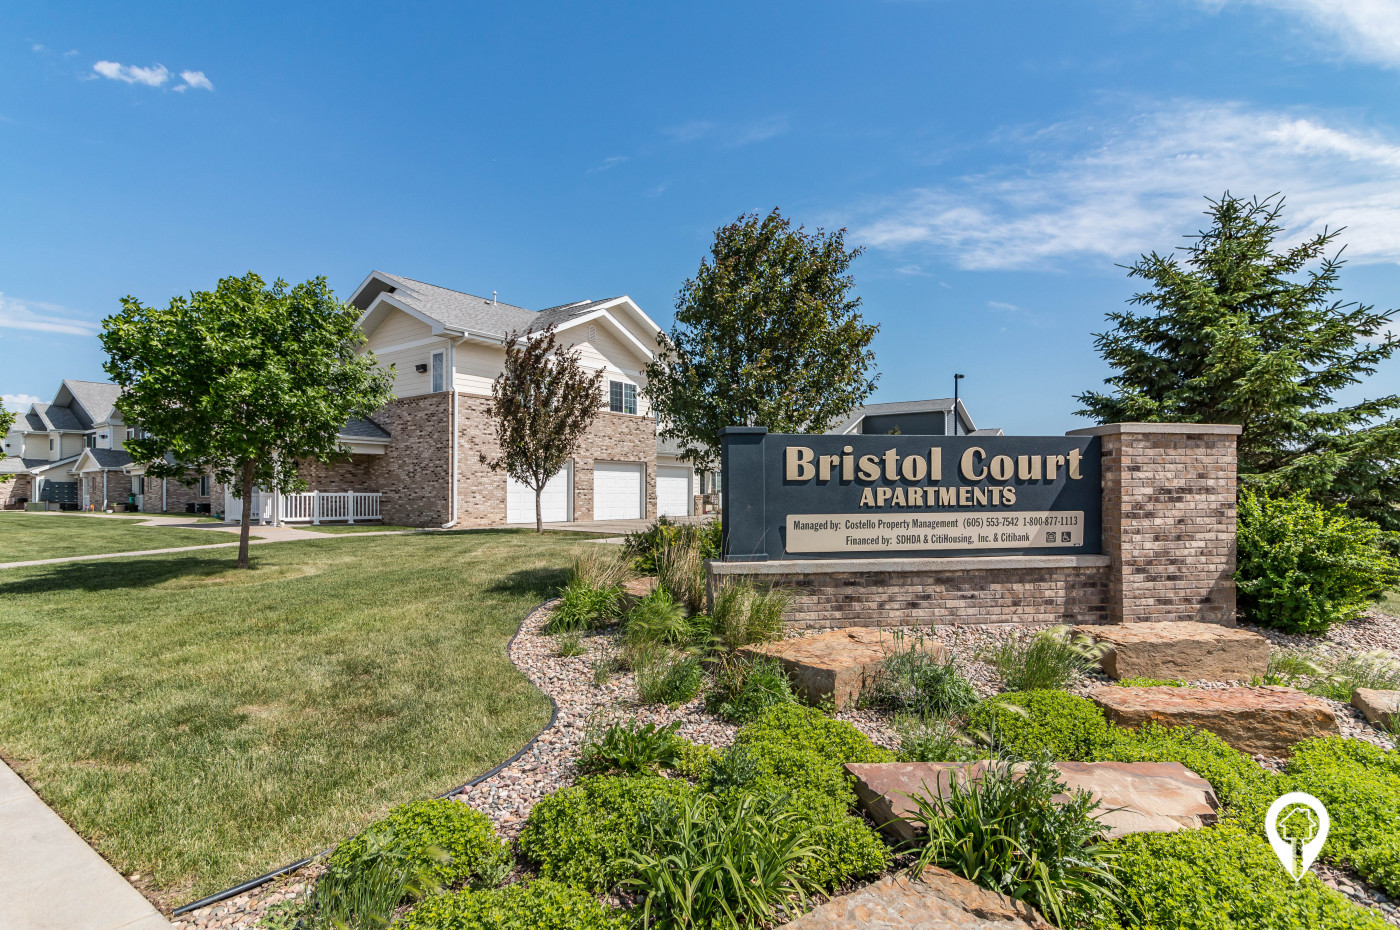 Bristol Court Apartments Video Tour